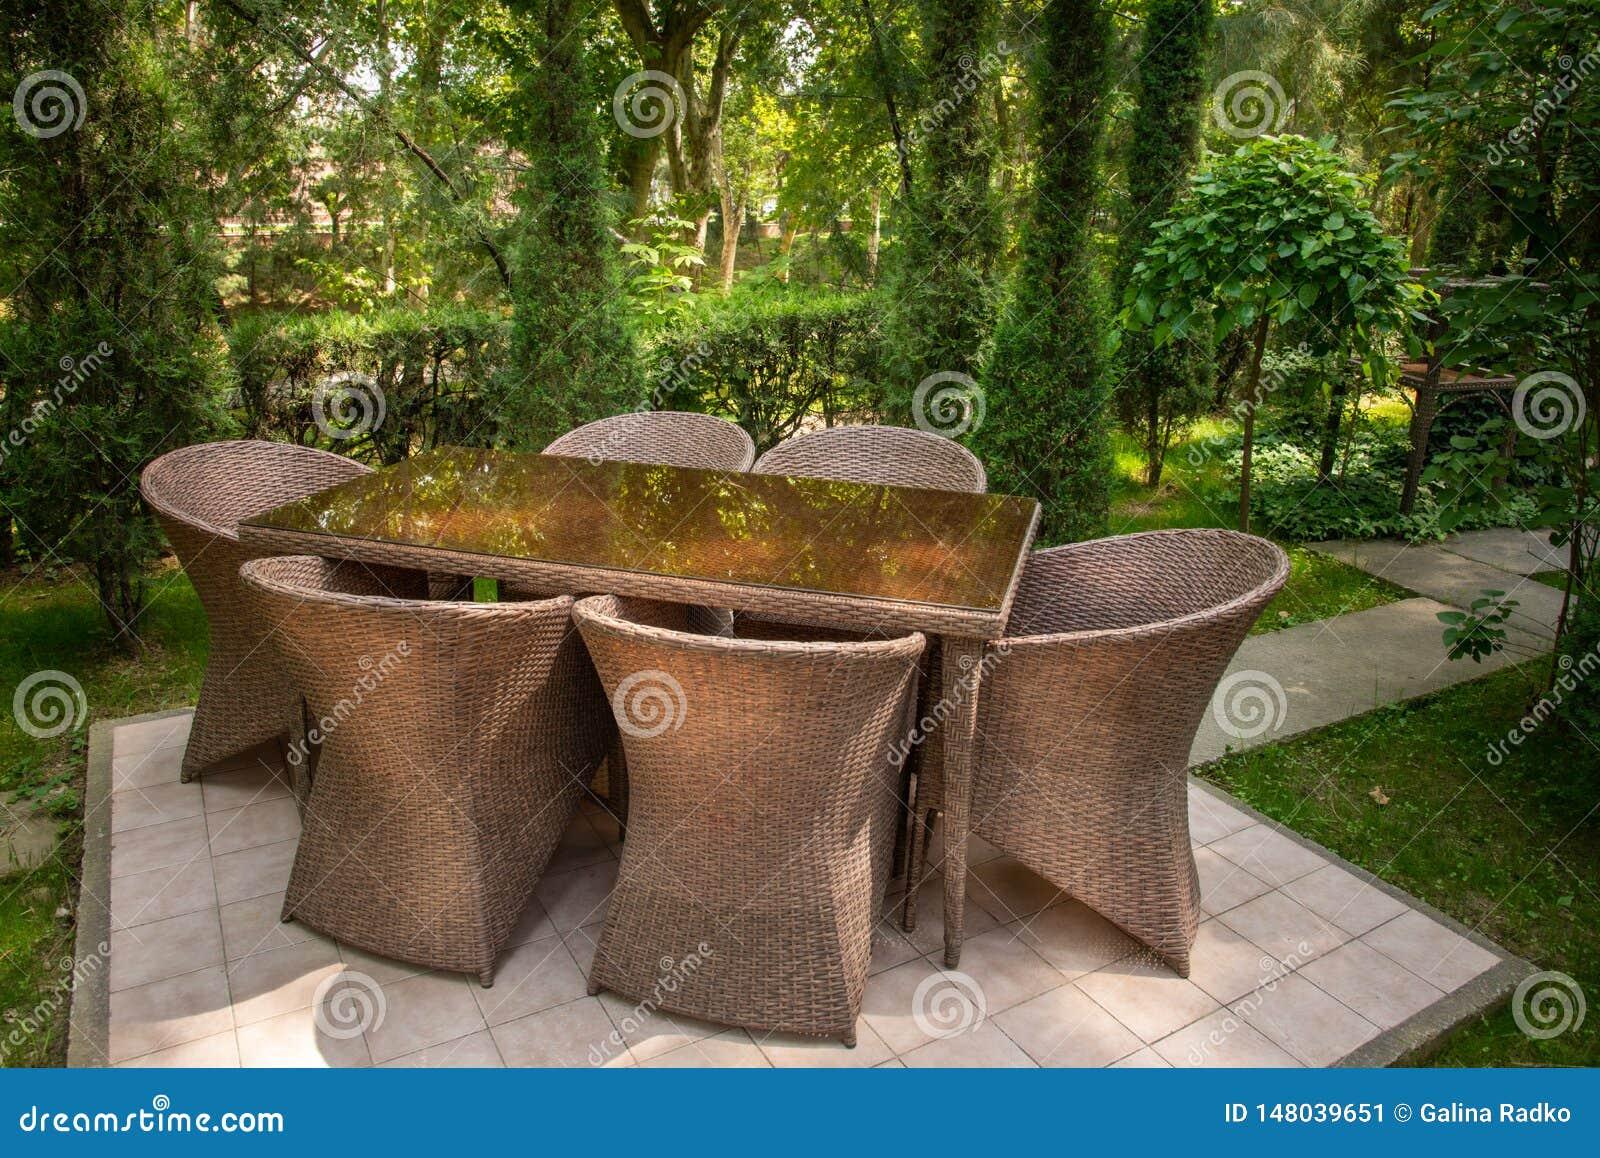 Geflochtene St?hle und Tabelle sind im Garten nahe B?umen